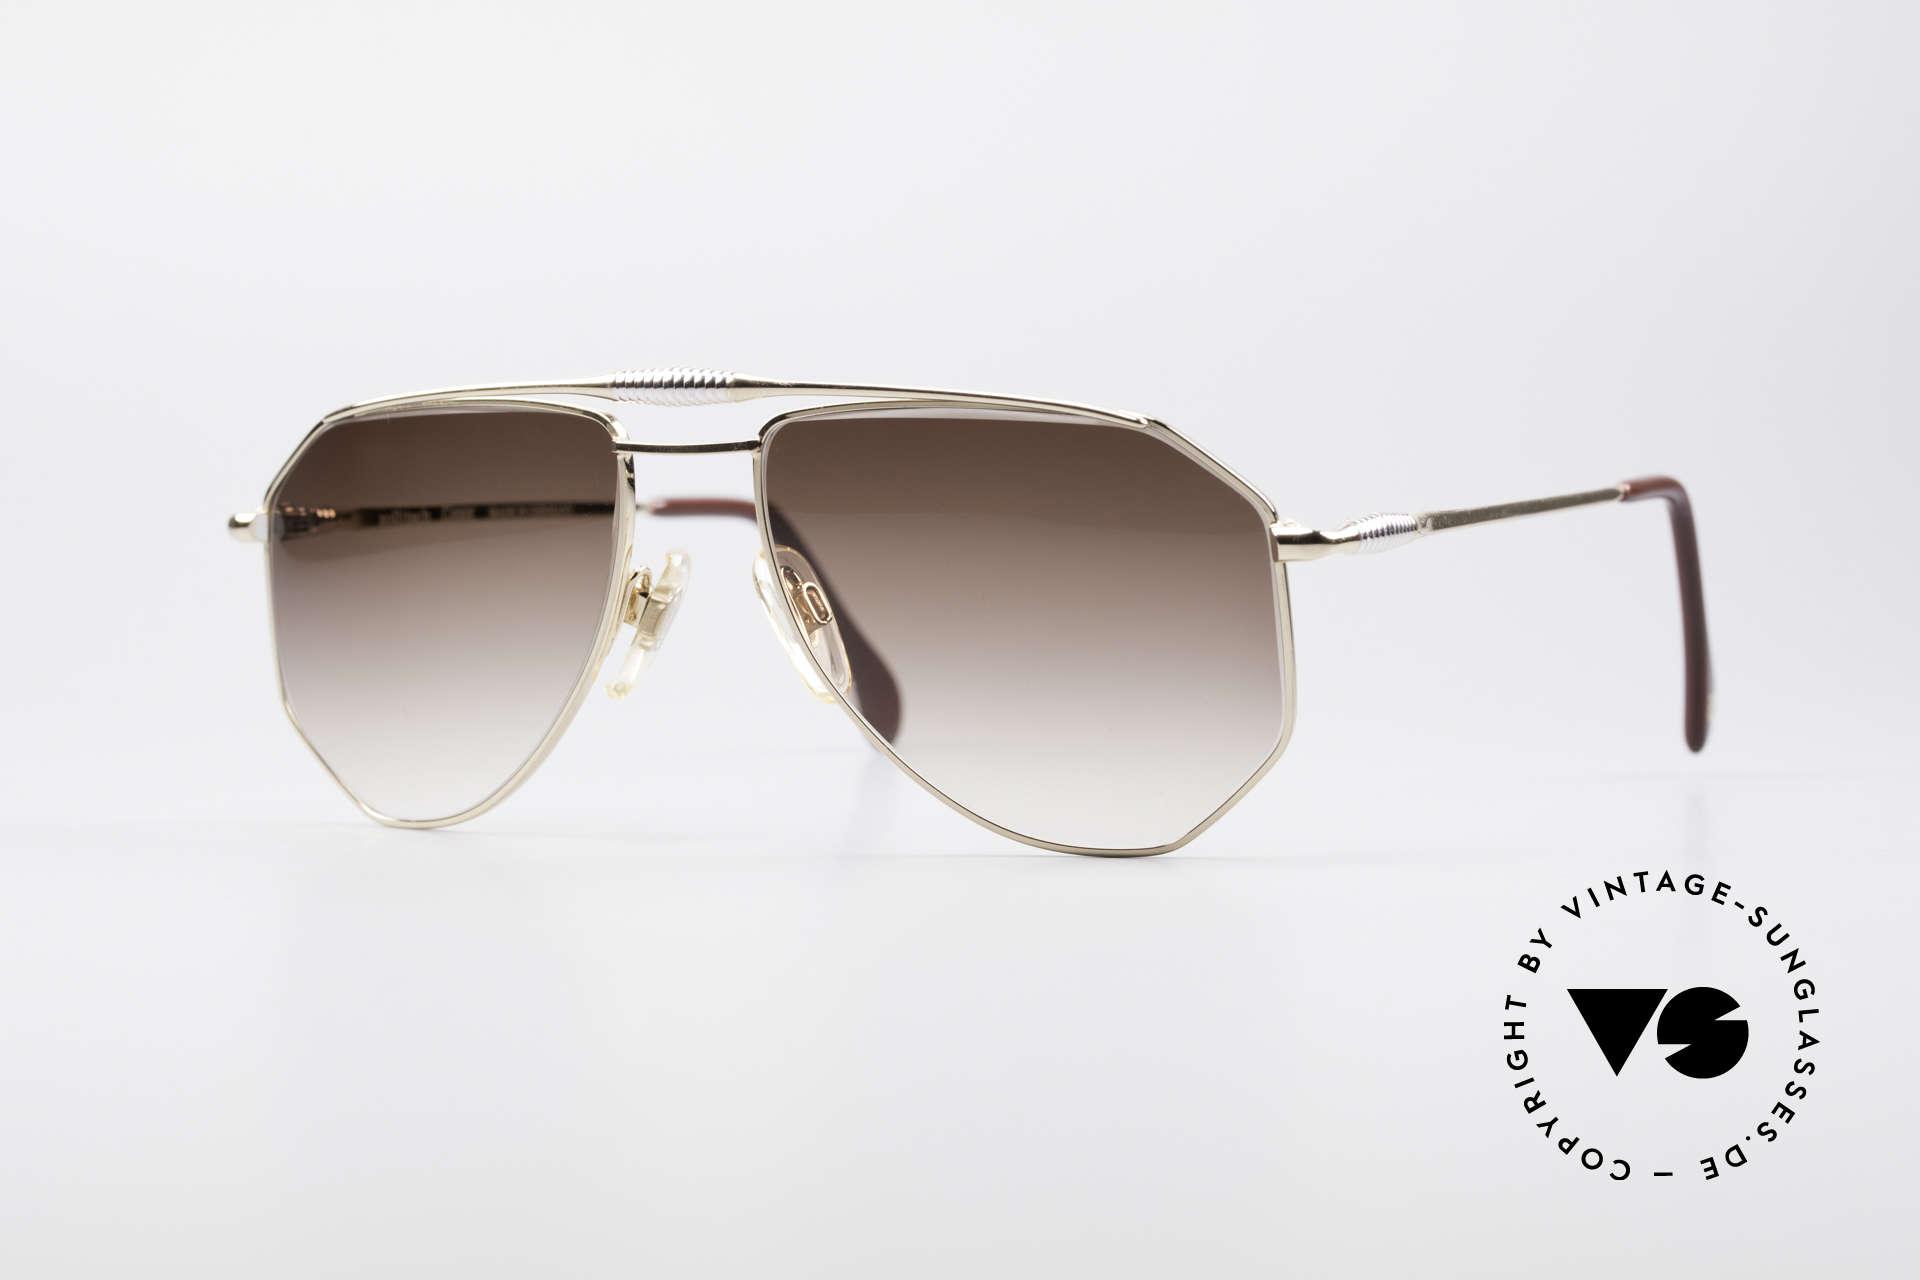 Zollitsch Cadre 120 Medium 80er Vintage Brille, vintage Zollitsch Sonnenbrille aus den späten 1980ern, Passend für Herren